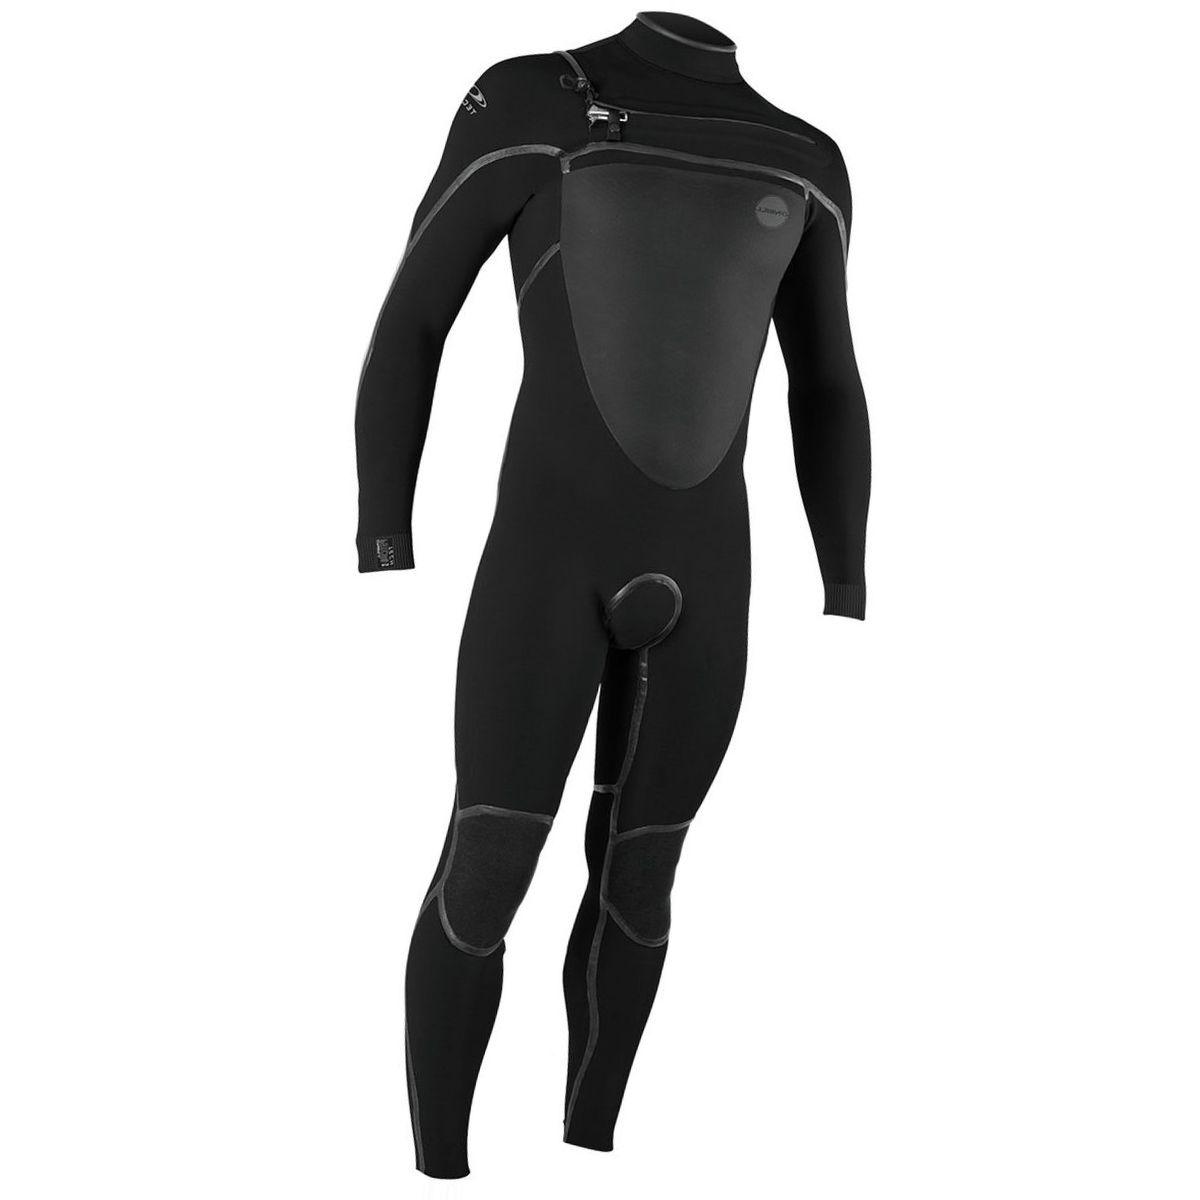 O'Neill Psycho Tech 3/2mm FSW Full Wetsuit - Men's